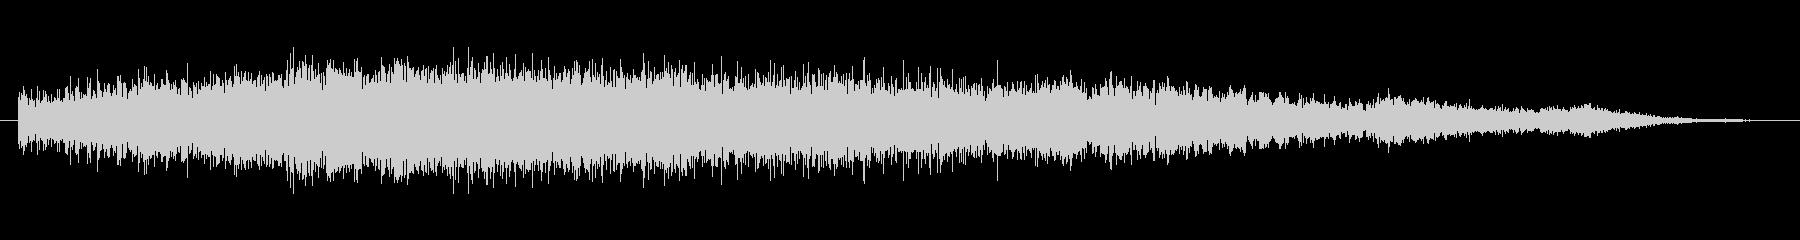 ホラー バズクライングベルズハイ01の未再生の波形